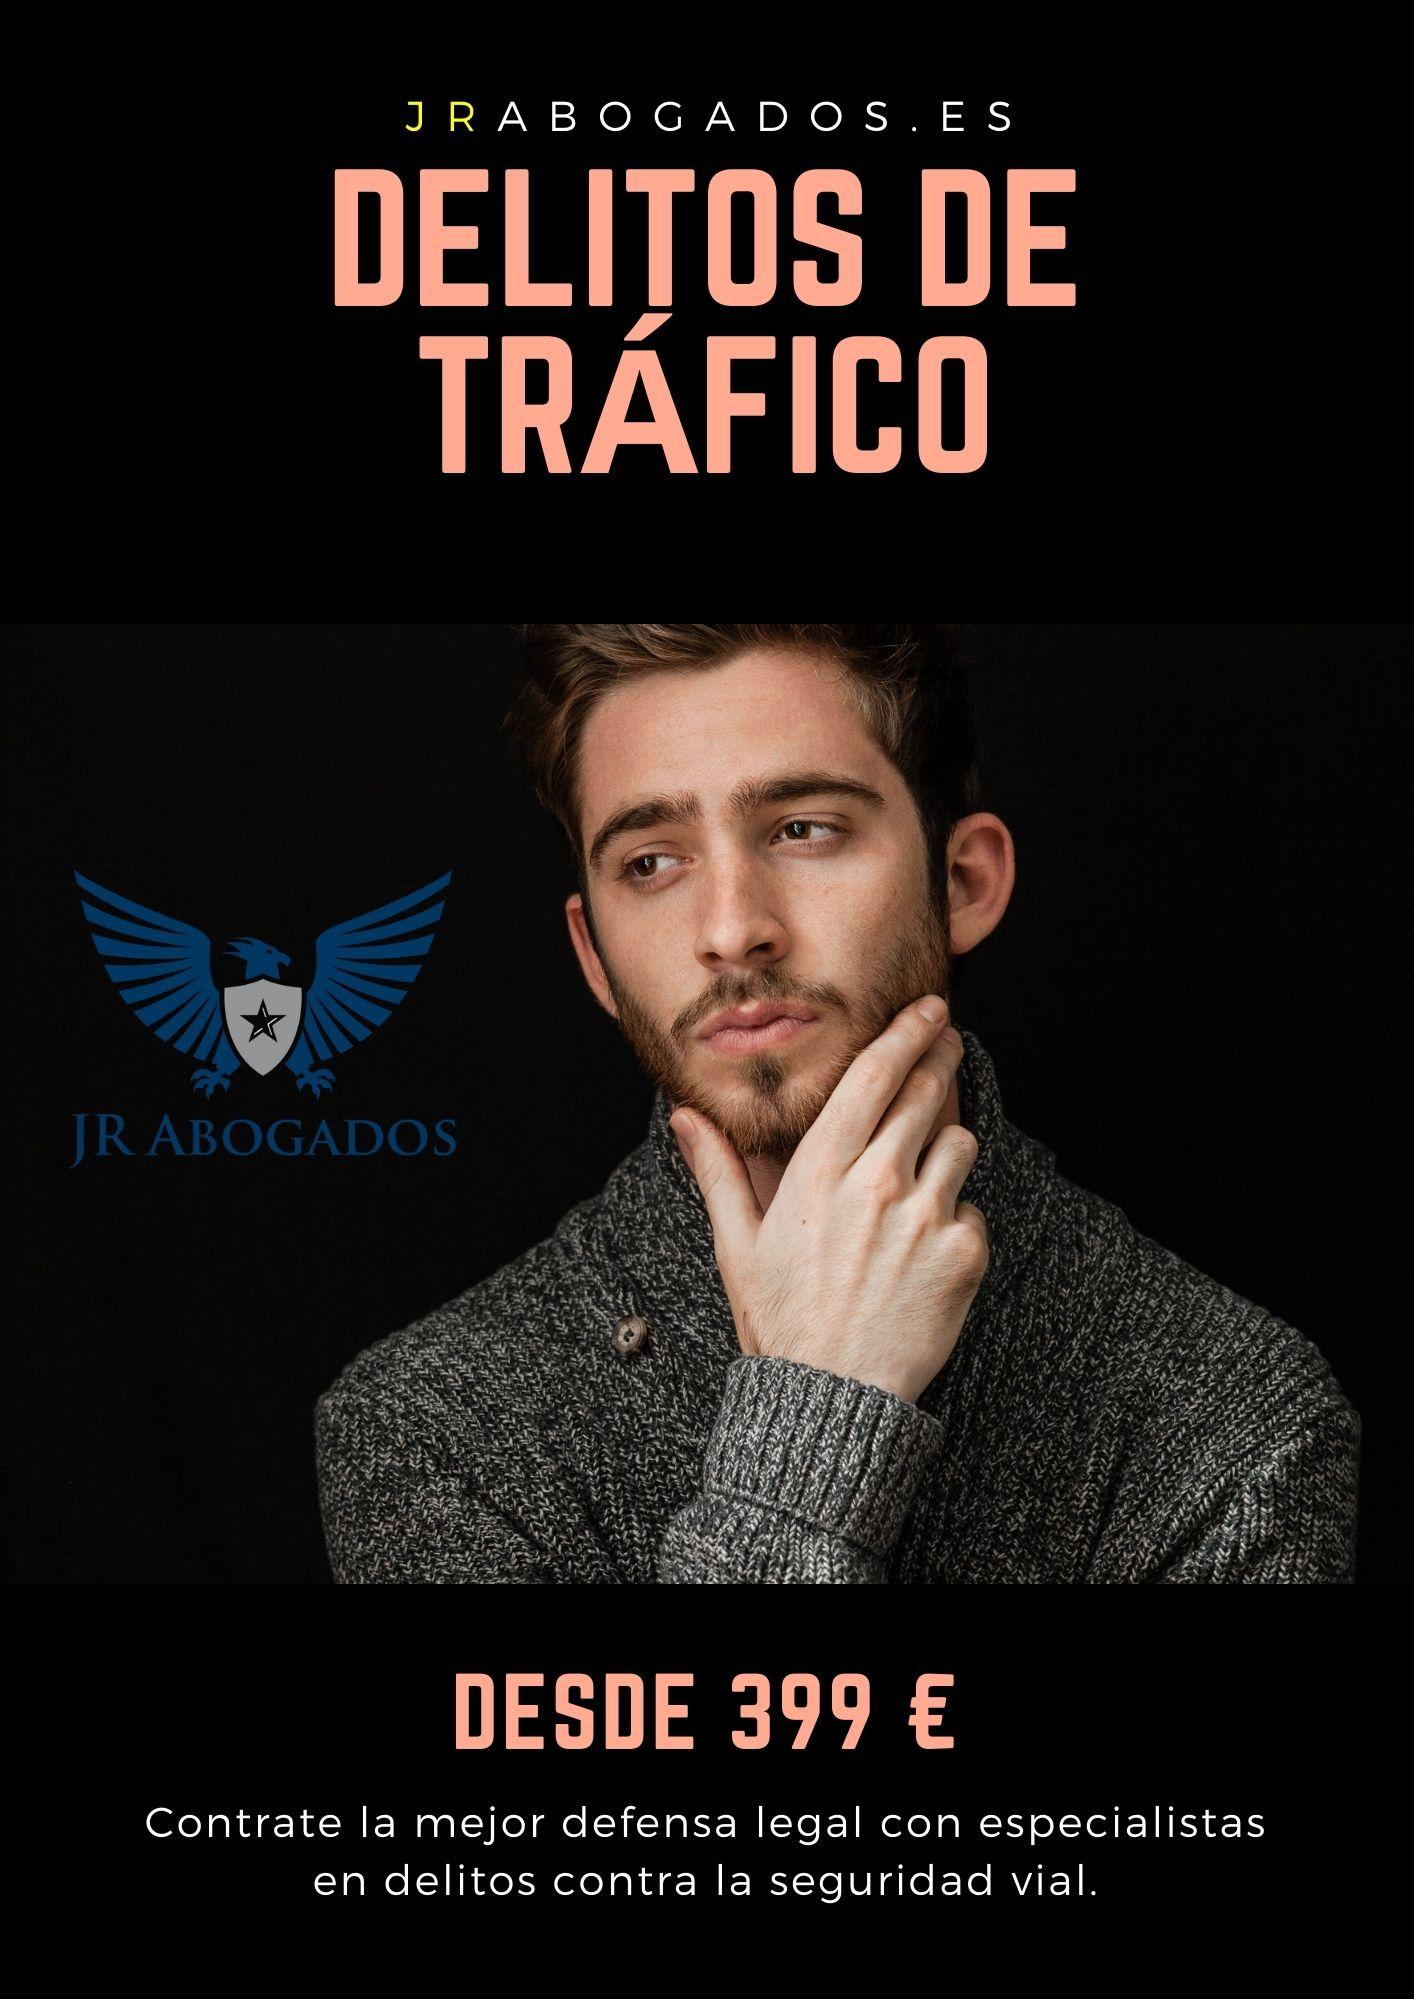 delitos de trafico